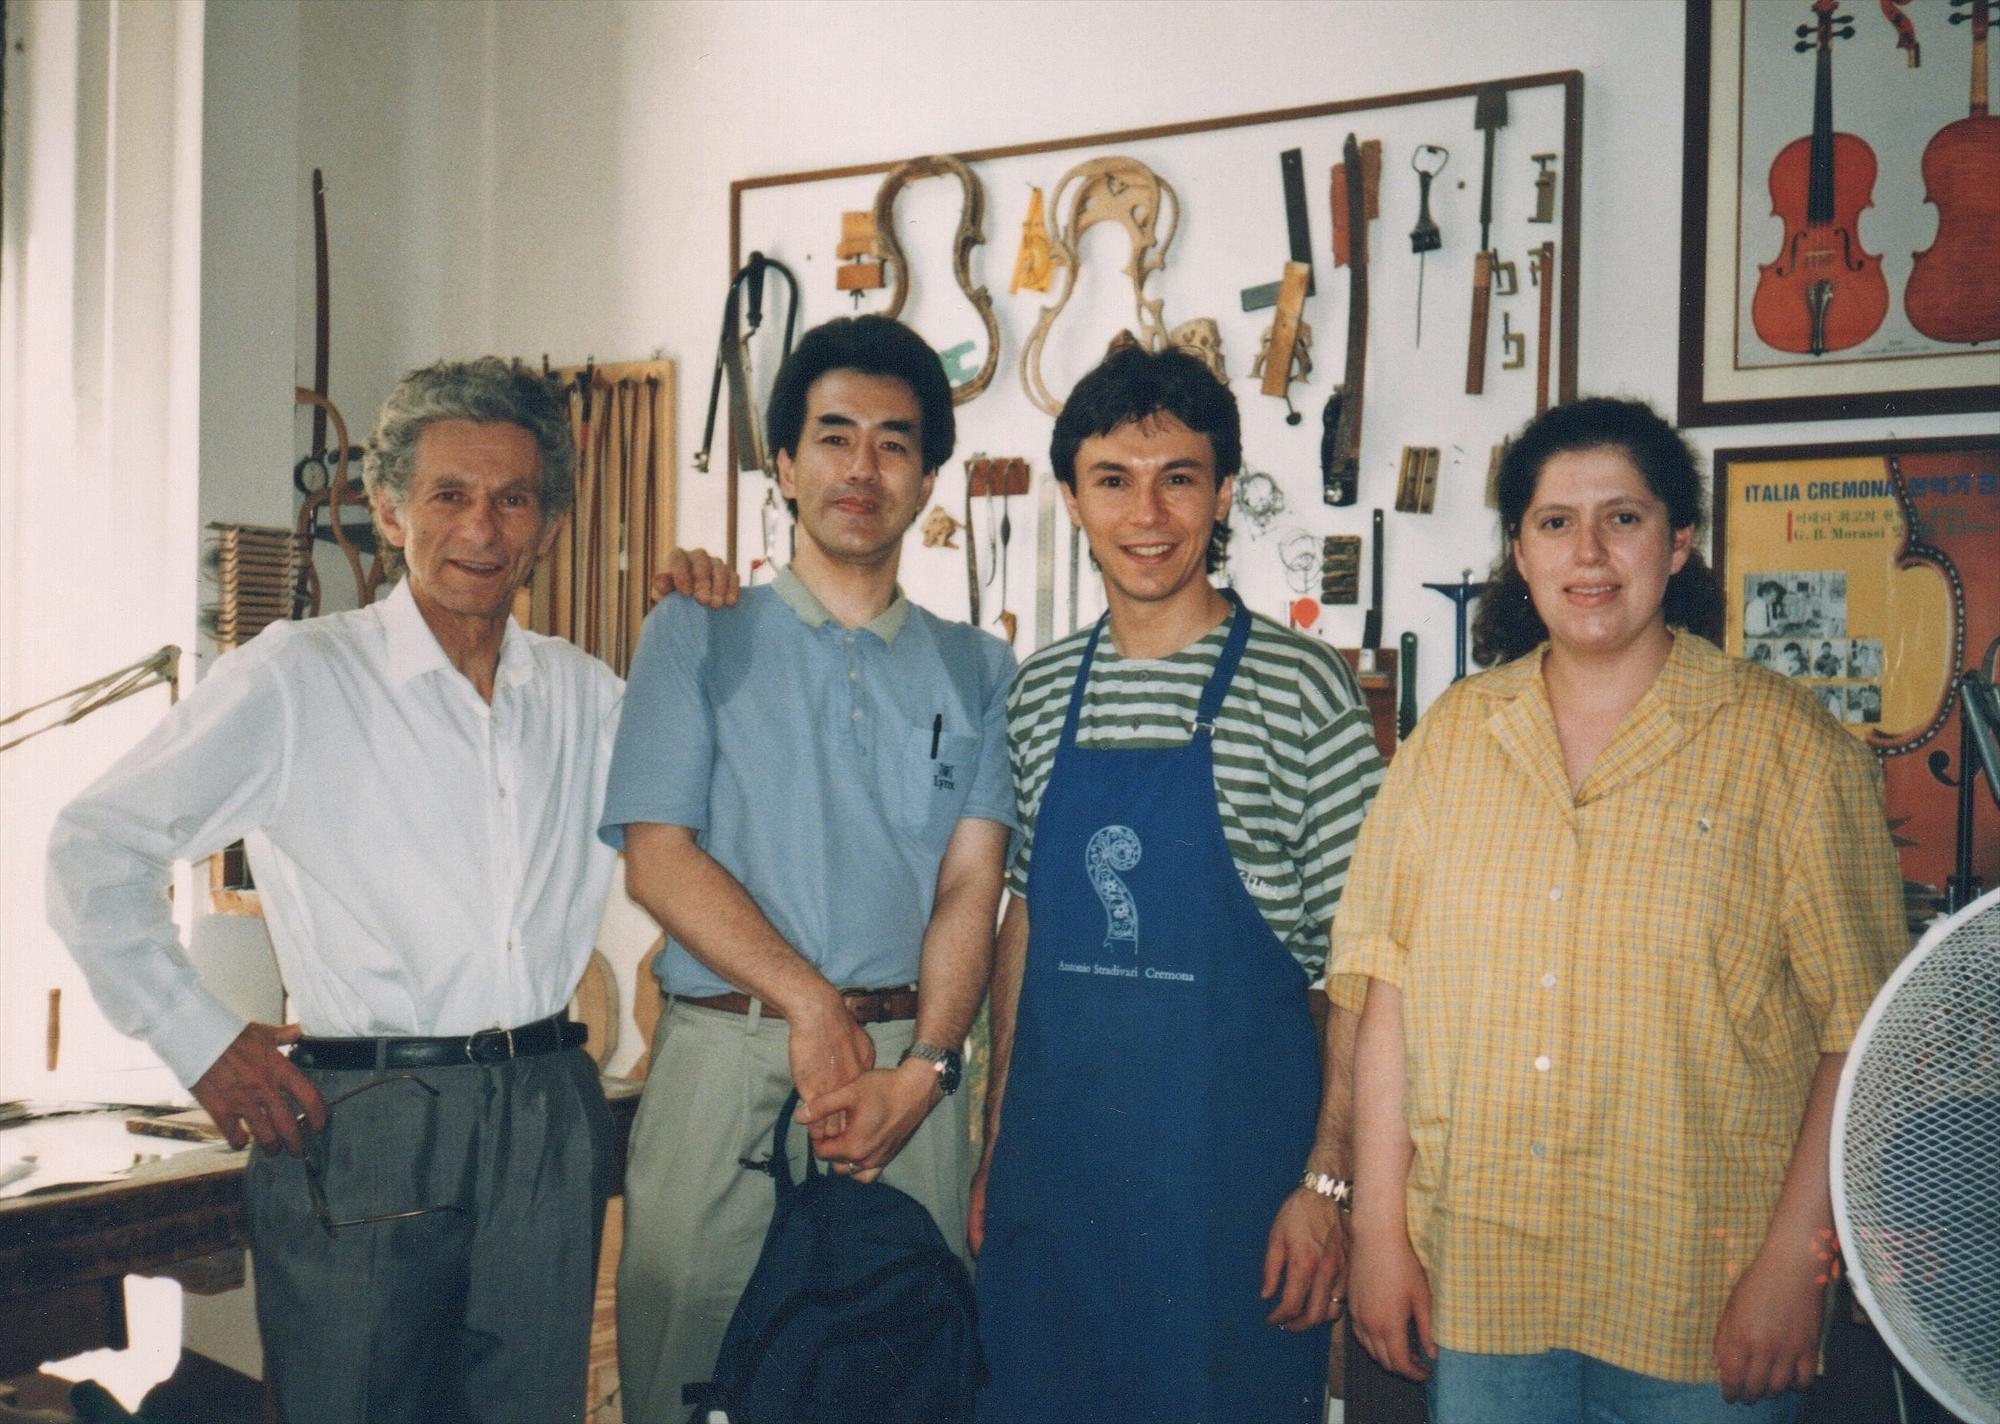 1999年、マエストロ・モラッシーとシメオネさん、弟子のステファーニャさんとともに